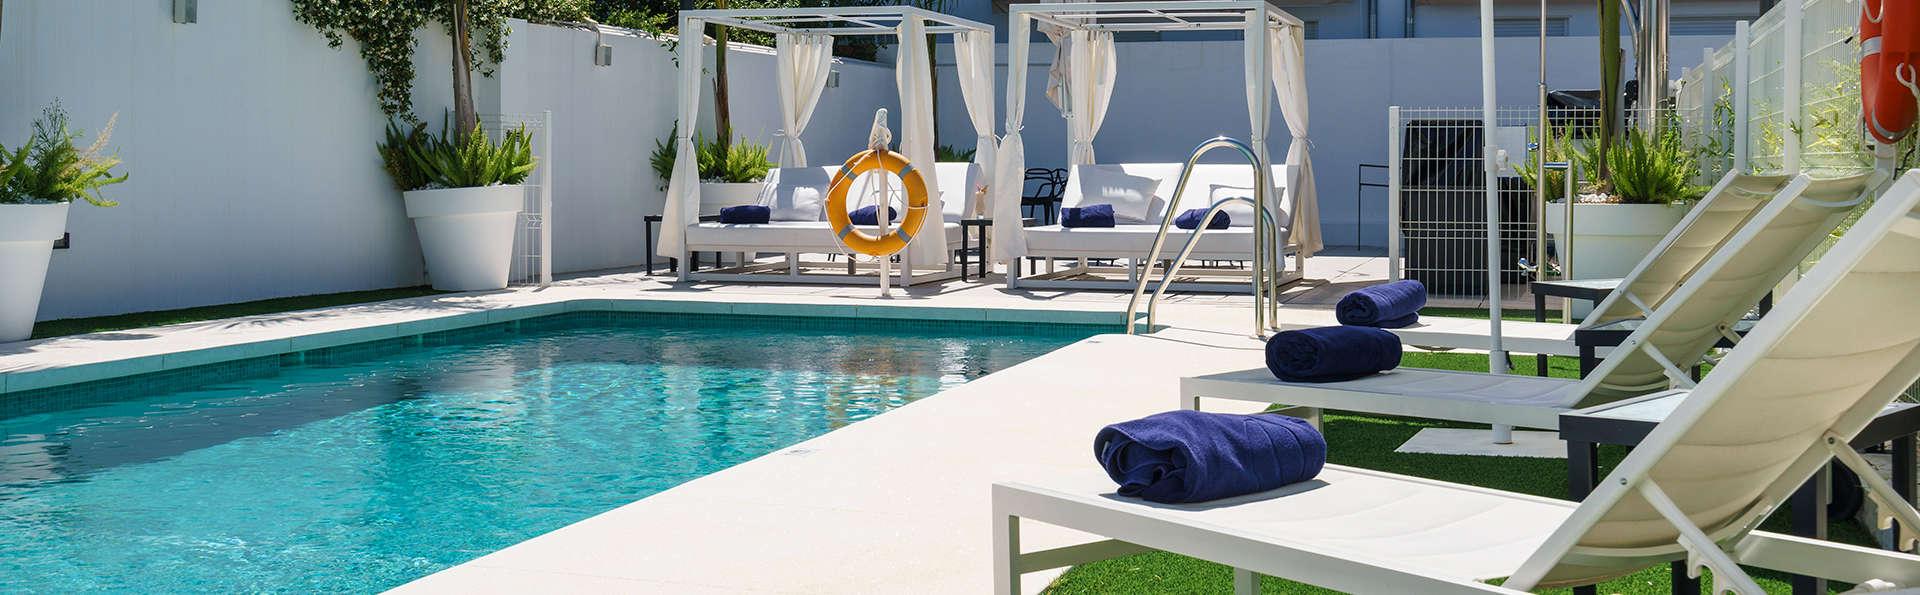 Costa del Sol Torremolinos Luxury Boutique Hotel - EDIT_NEW_POOL3.jpg